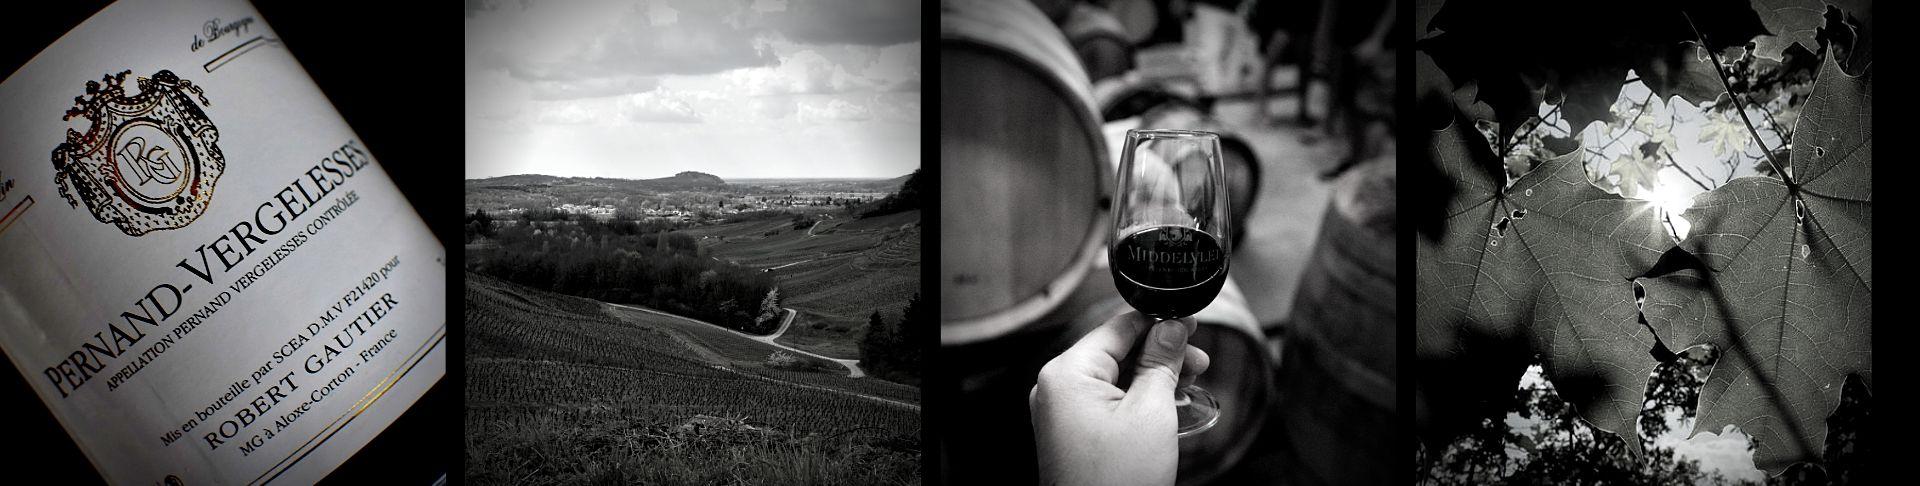 Domaine Robert Gautier Vente en Ligne | Vins Naturels